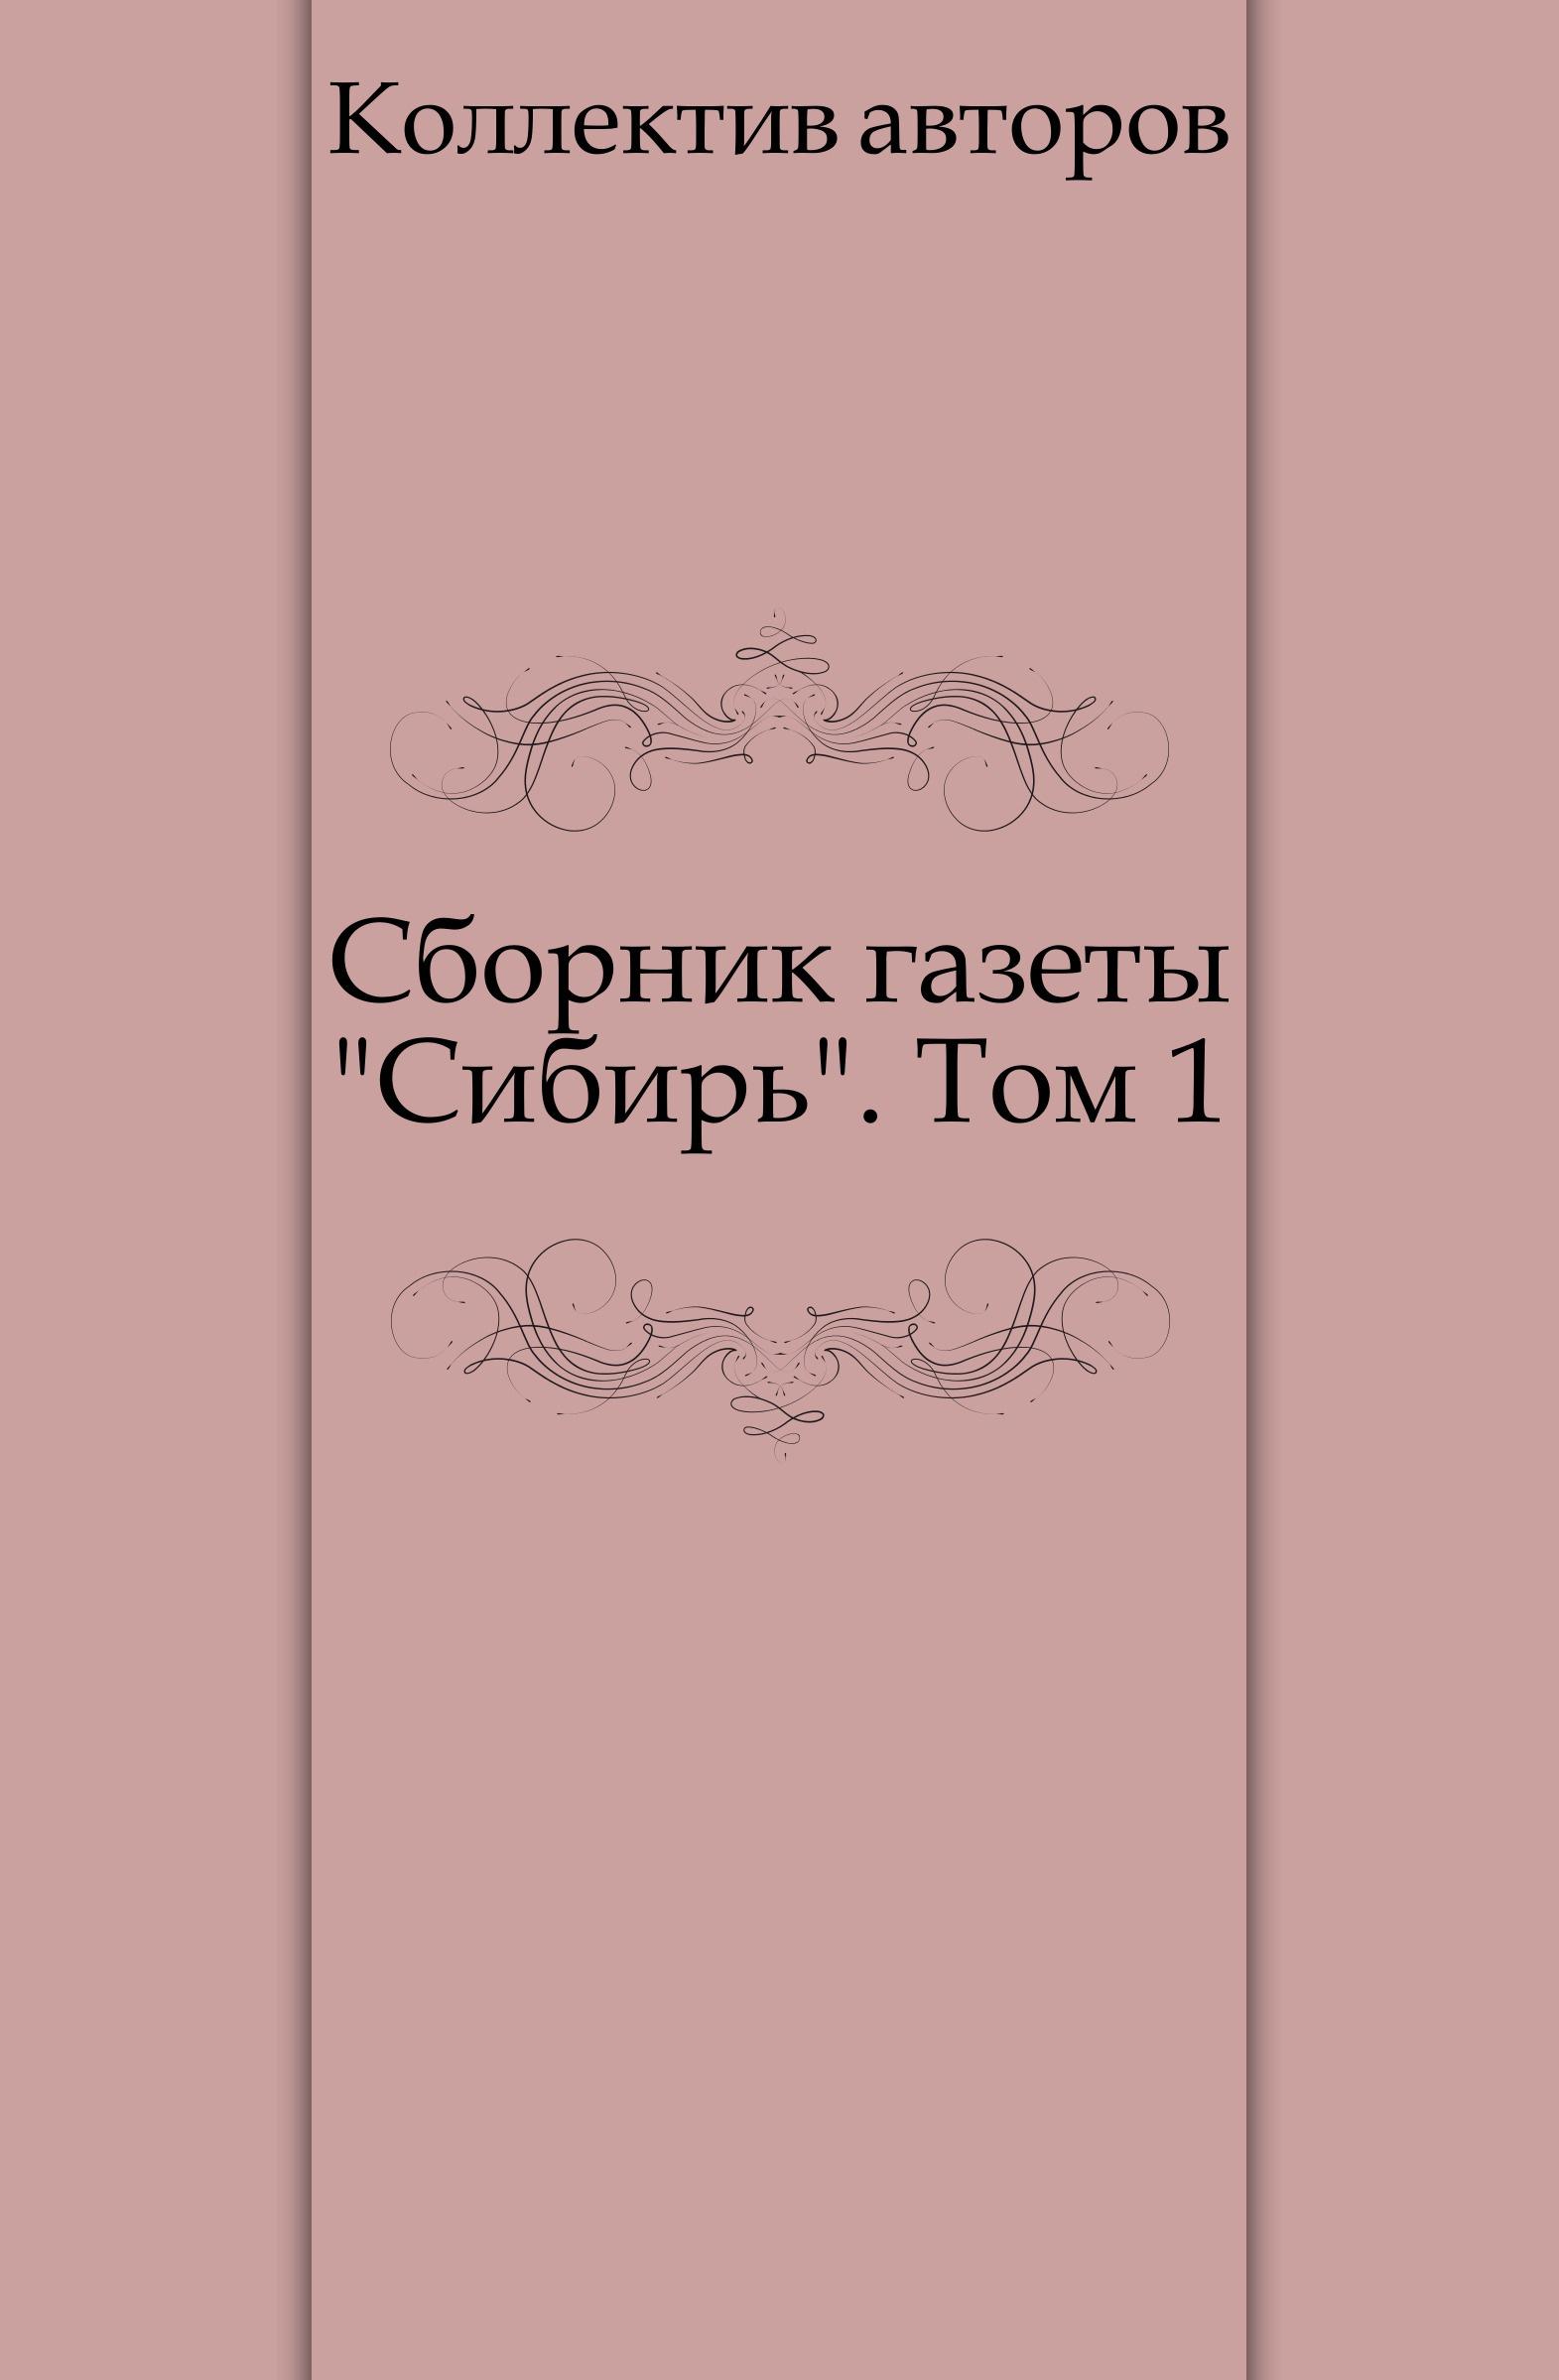 Фото - Неизвестный автор Сборник газеты Сибирь. Том 1 газеты